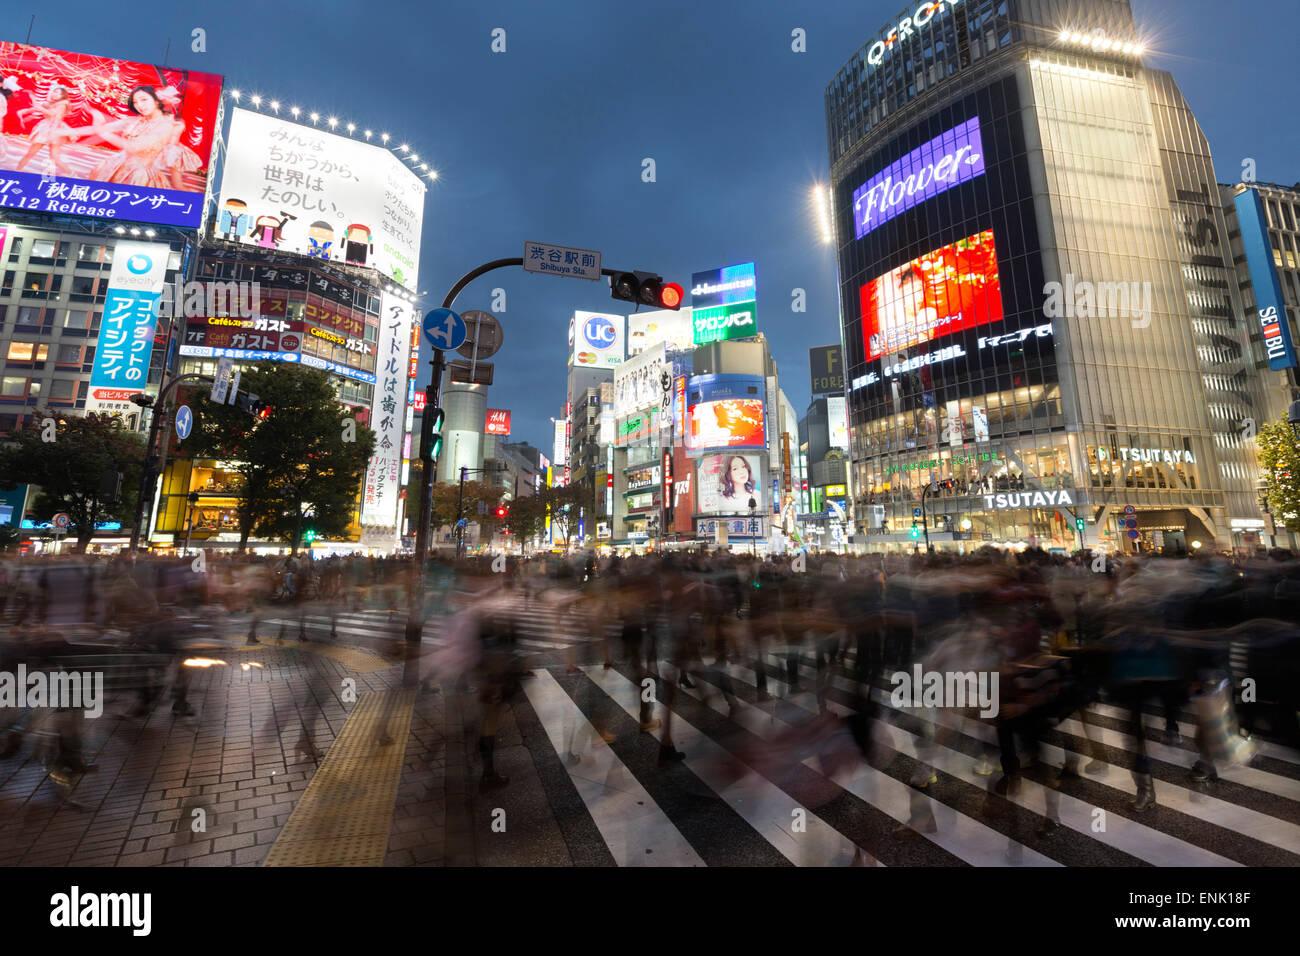 Letreros de neón y cruce peatonal (codificar) por la noche, la estación de Shibuya, Shibuya, Tokio, Japón, Asia Foto de stock